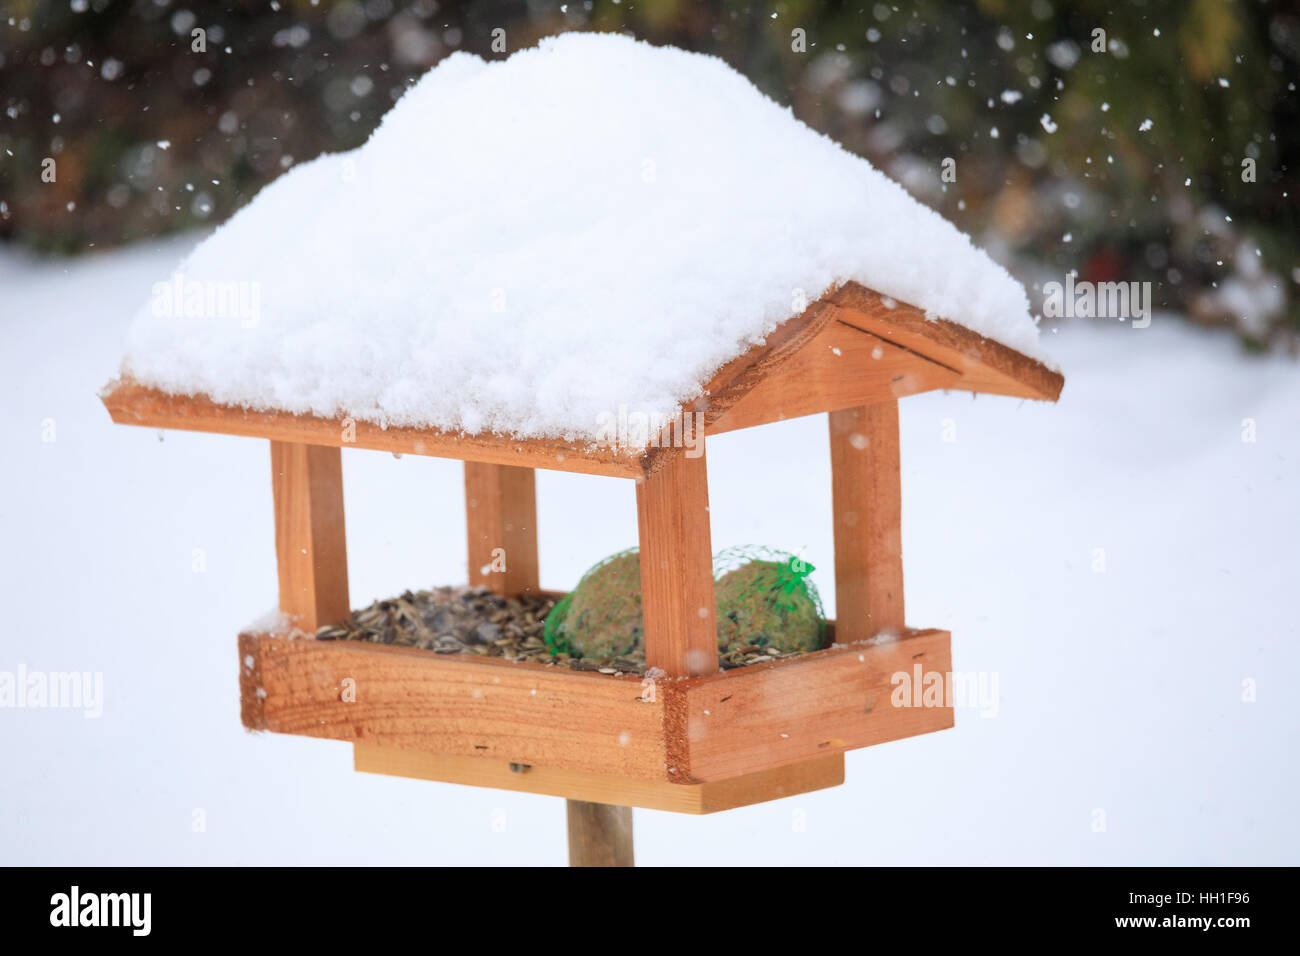 gazebo style listing wooden large feeder rustic fullxfull zoom birdfeeder bird wood cedar il